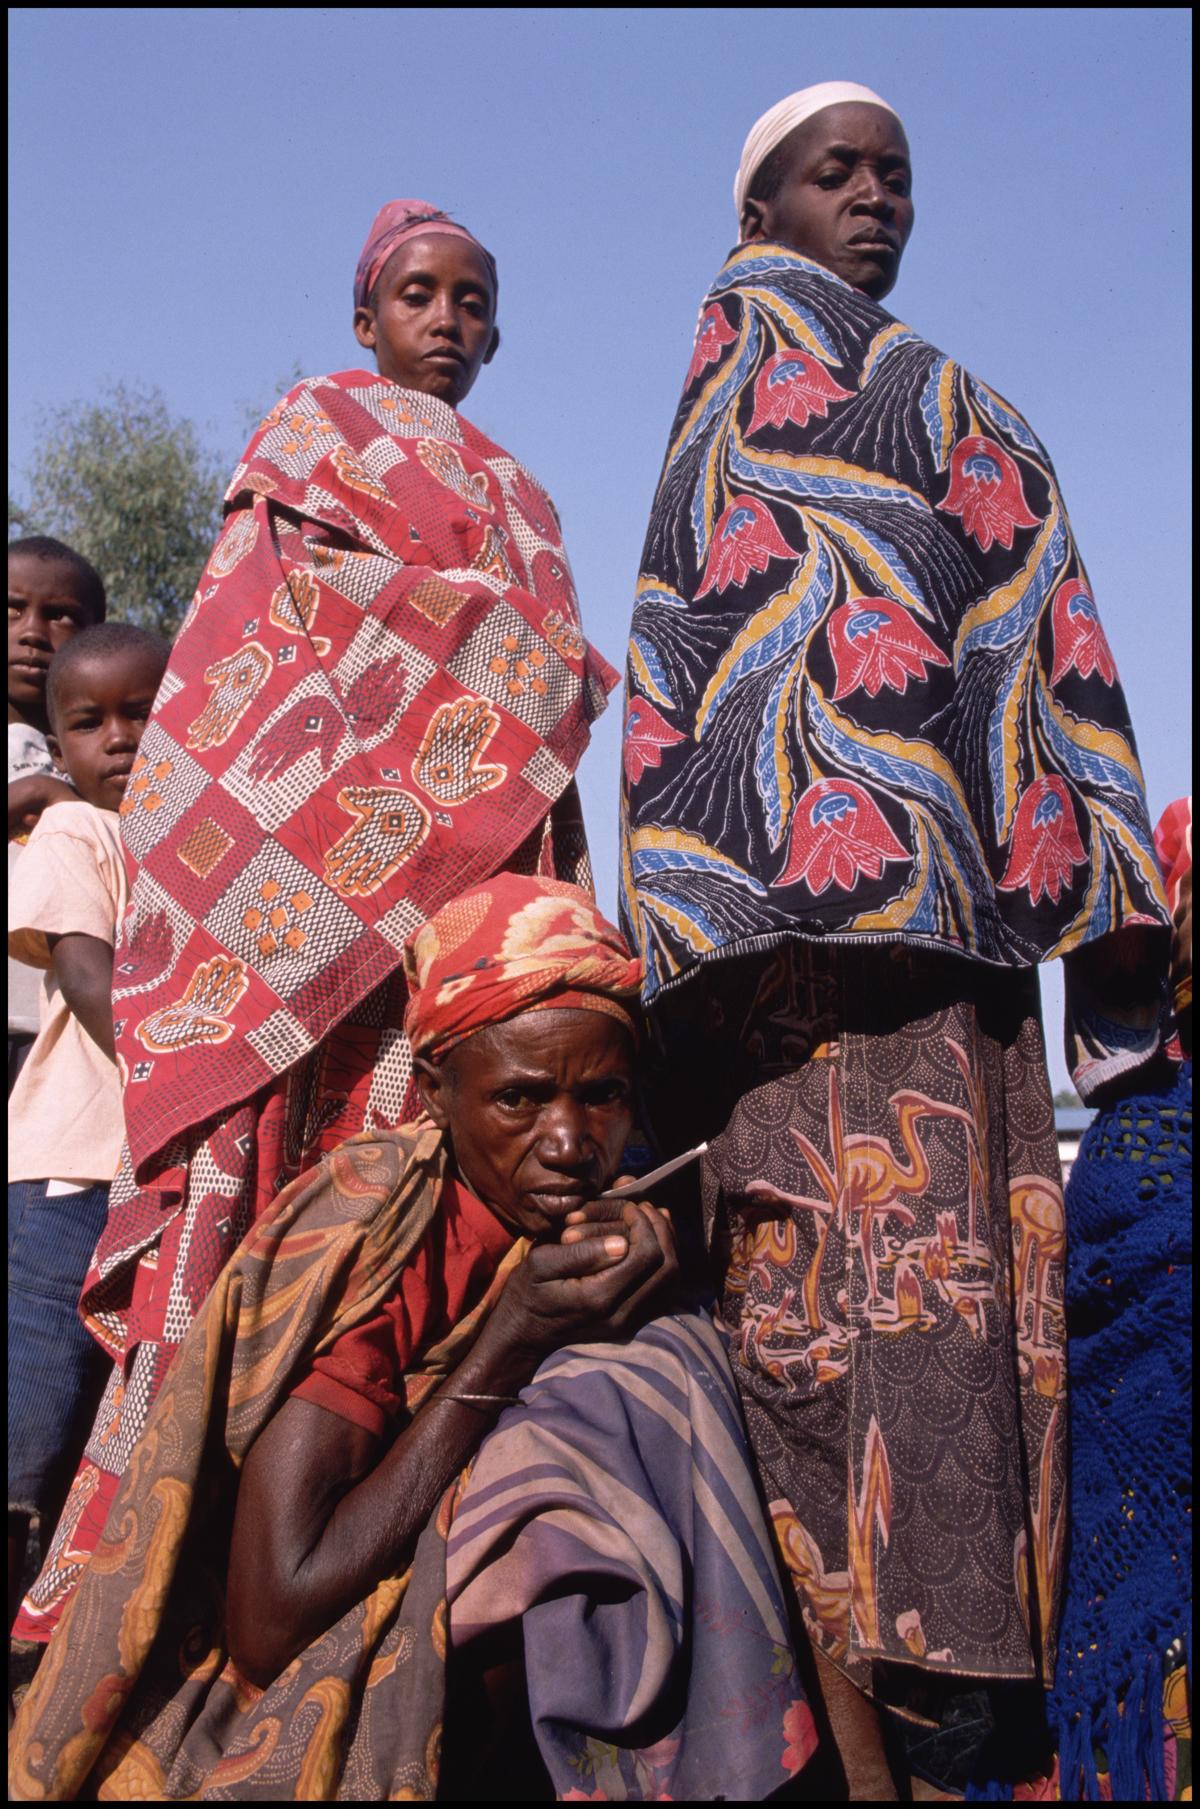 1994, Rwanda --- 1994-Refugees, Rwanda